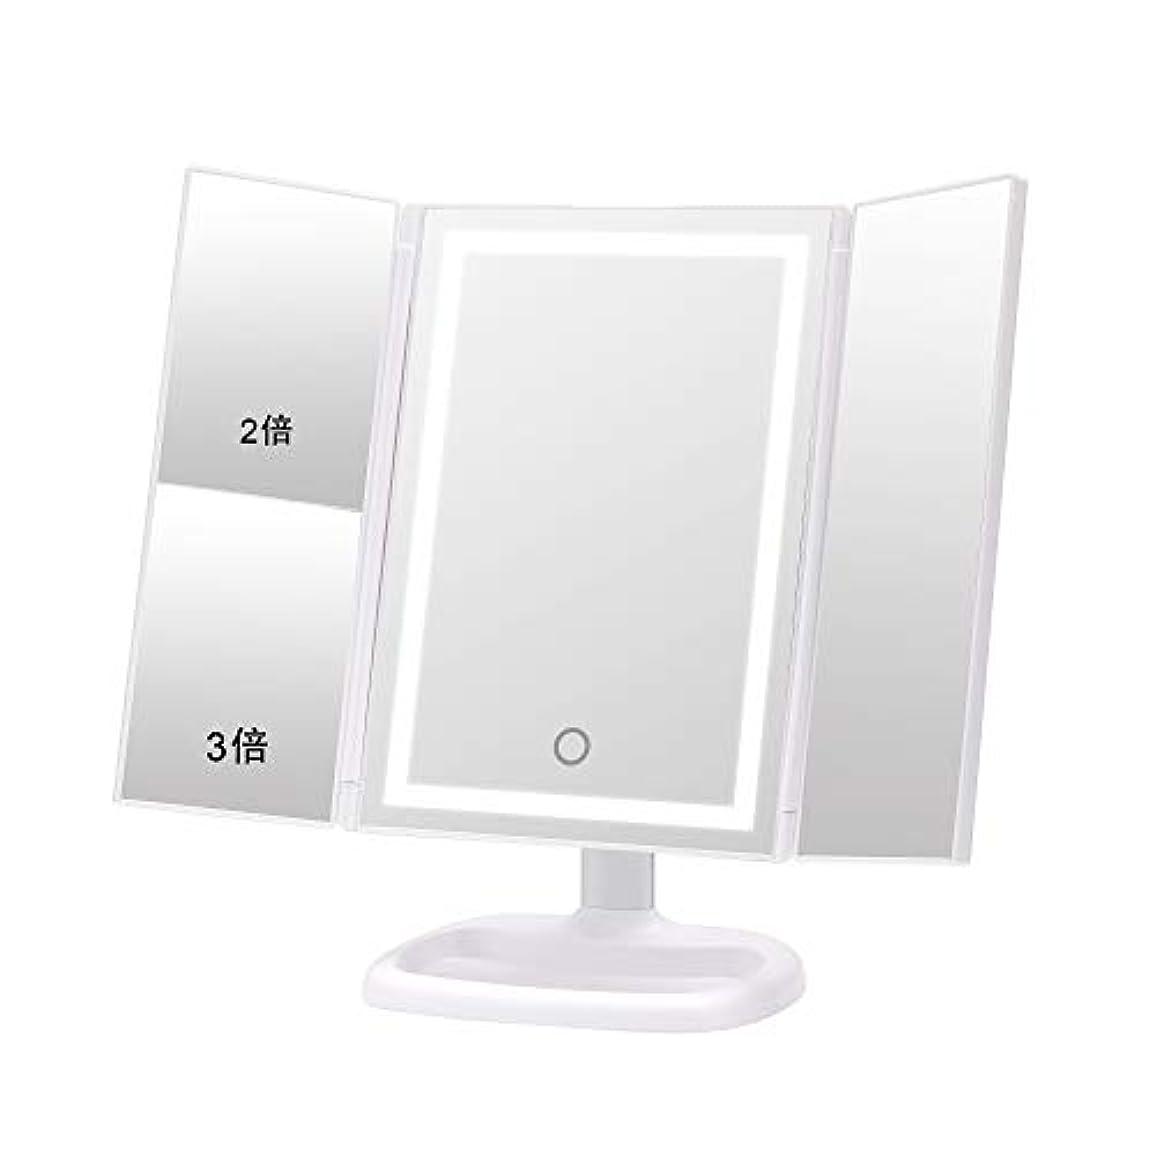 確保する新しい意味ポルトガル語YEEZEN 化粧鏡 led 三面鏡 2&3倍 無段階調光 180°回転 拡大鏡 化粧鏡 女優ライト 卓上 拡大鏡 化粧ミラー 折りたたみ 持ち運び コンパクト